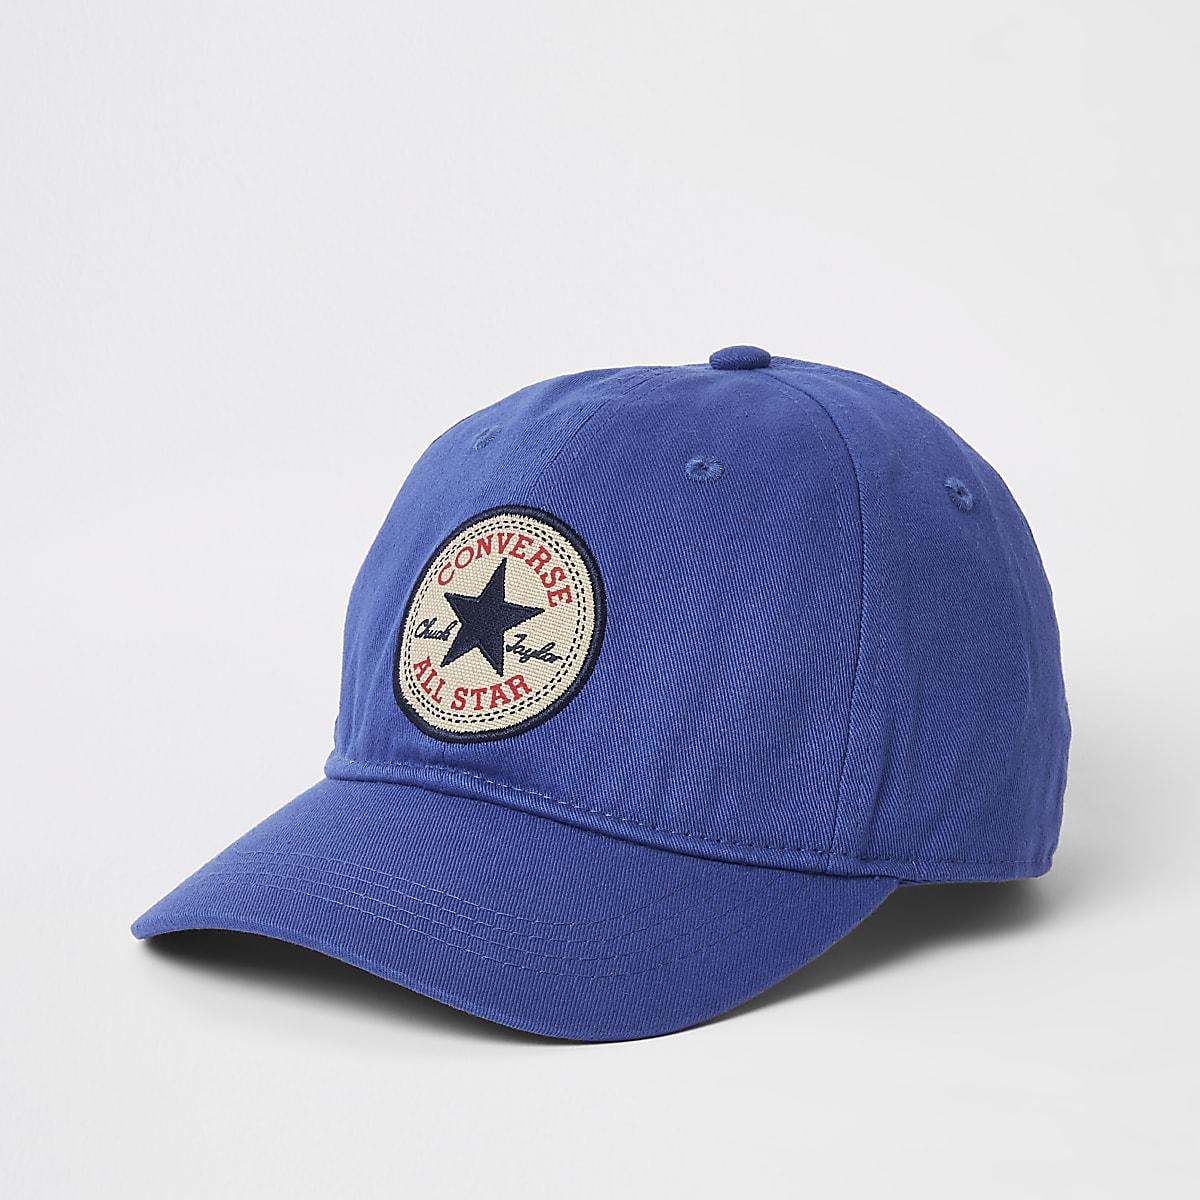 Kids Converse blue cap